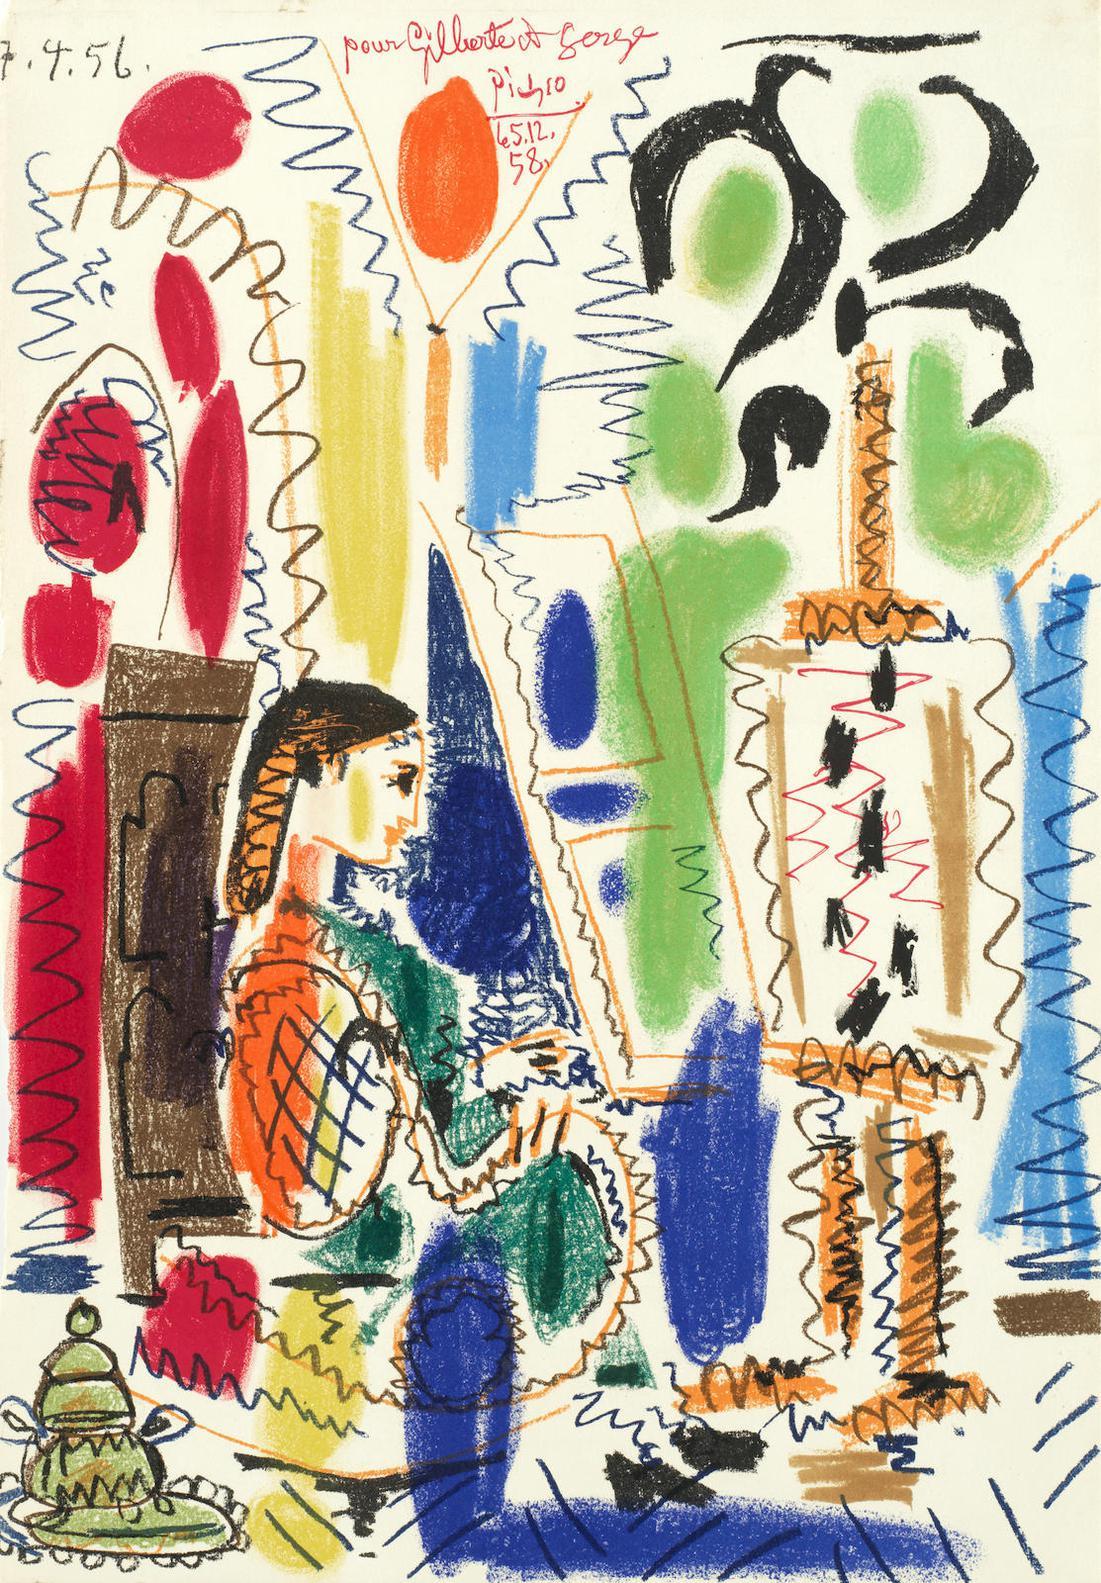 Pablo Picasso-L'Atelier de Cannes, cover for 'Ces peintres nos amis Vol. II' (Mourlot 279; Bloch 794)-1956